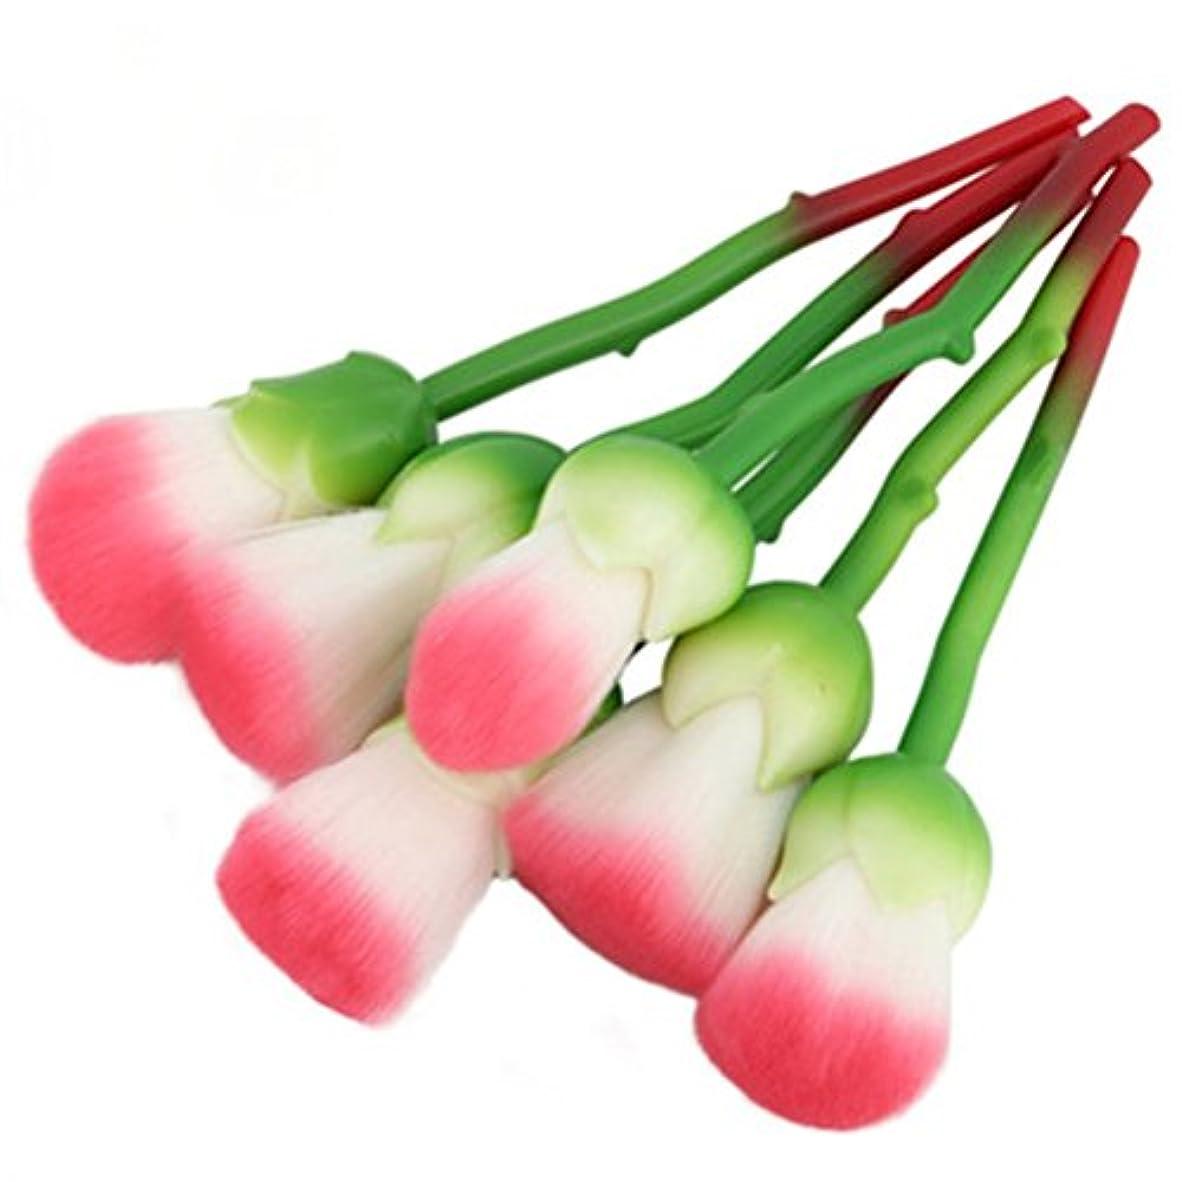 謙虚なギャロップ最も遠いディラビューティー(Dilla Beauty) メイクブラシ 薔薇 メイクブラシセット 人気 ファンデーションブラシ 化粧筆 可愛い 化粧ブラシ セット パウダーブラシ フェイスブラシ ローズ メイクブラシ 6本セット ケース付き (グリーン)